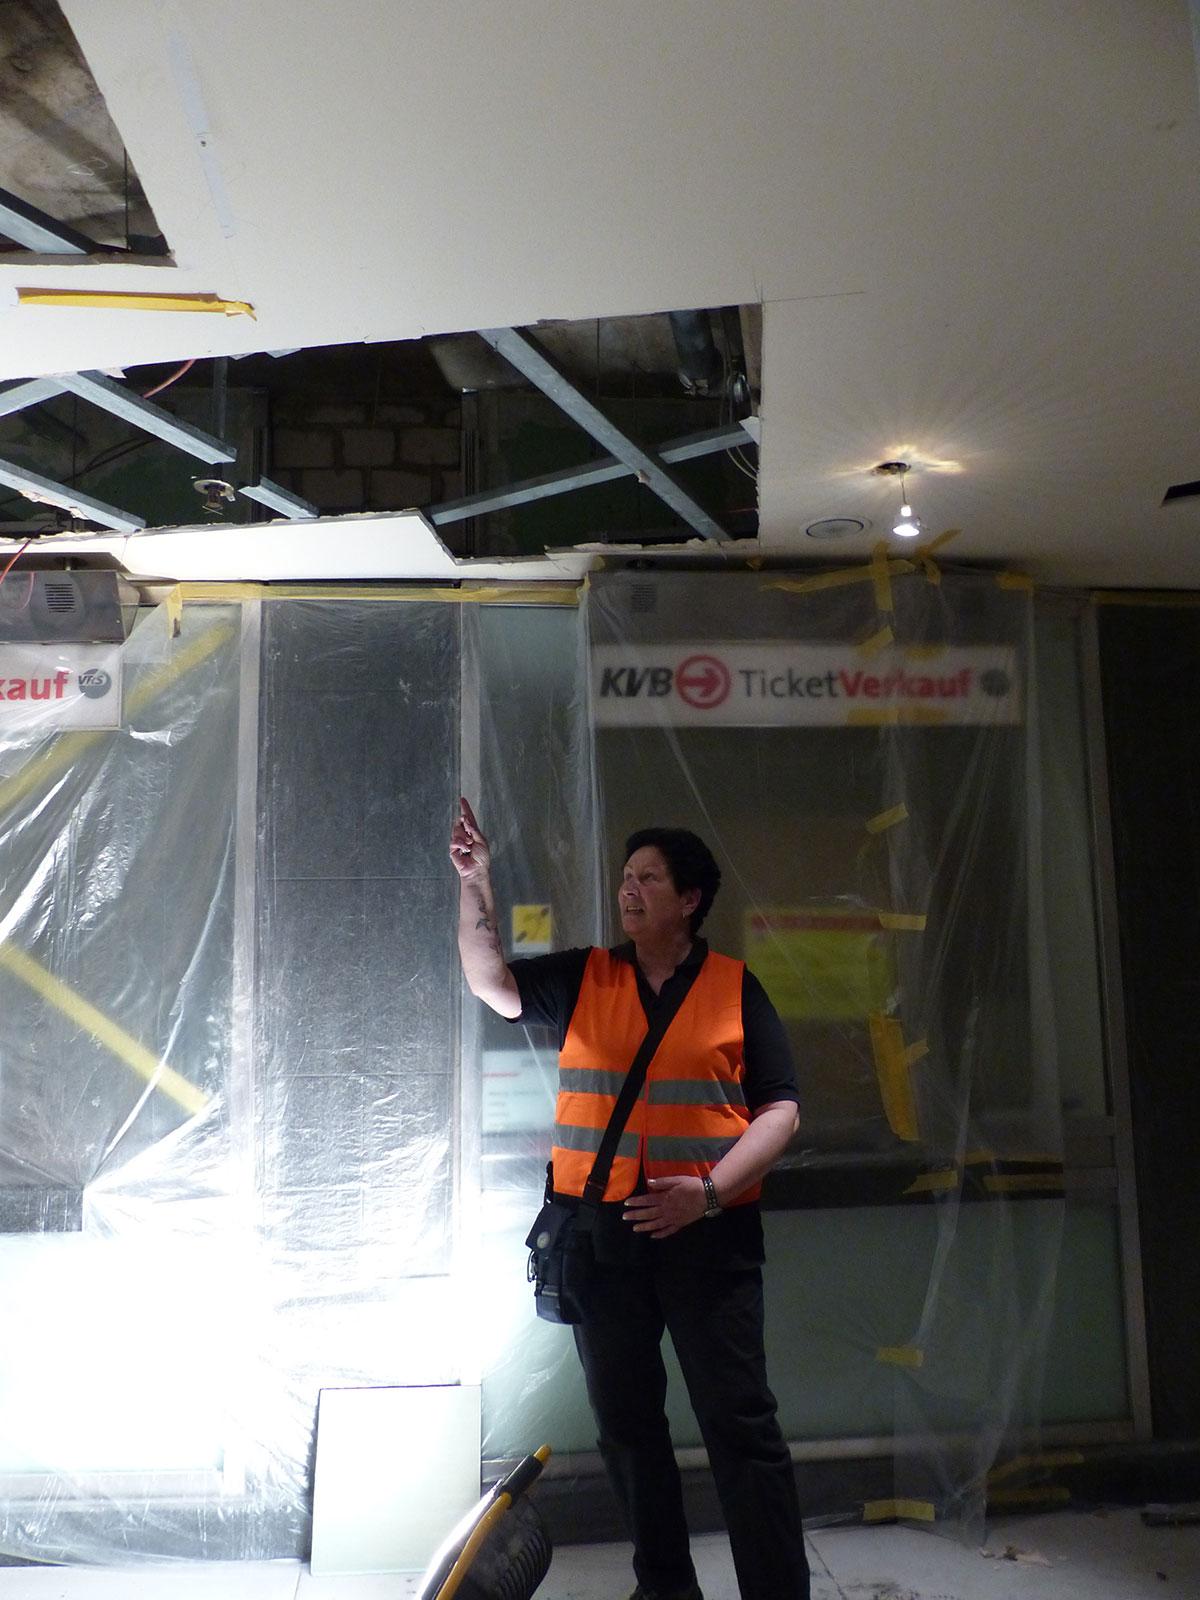 Brandwache Susanne zeigt uns die Arbeiten an der Brandschutzanlage in der HUGO-Passage. (Foto: Kathrin Huth und Hanna Stein)